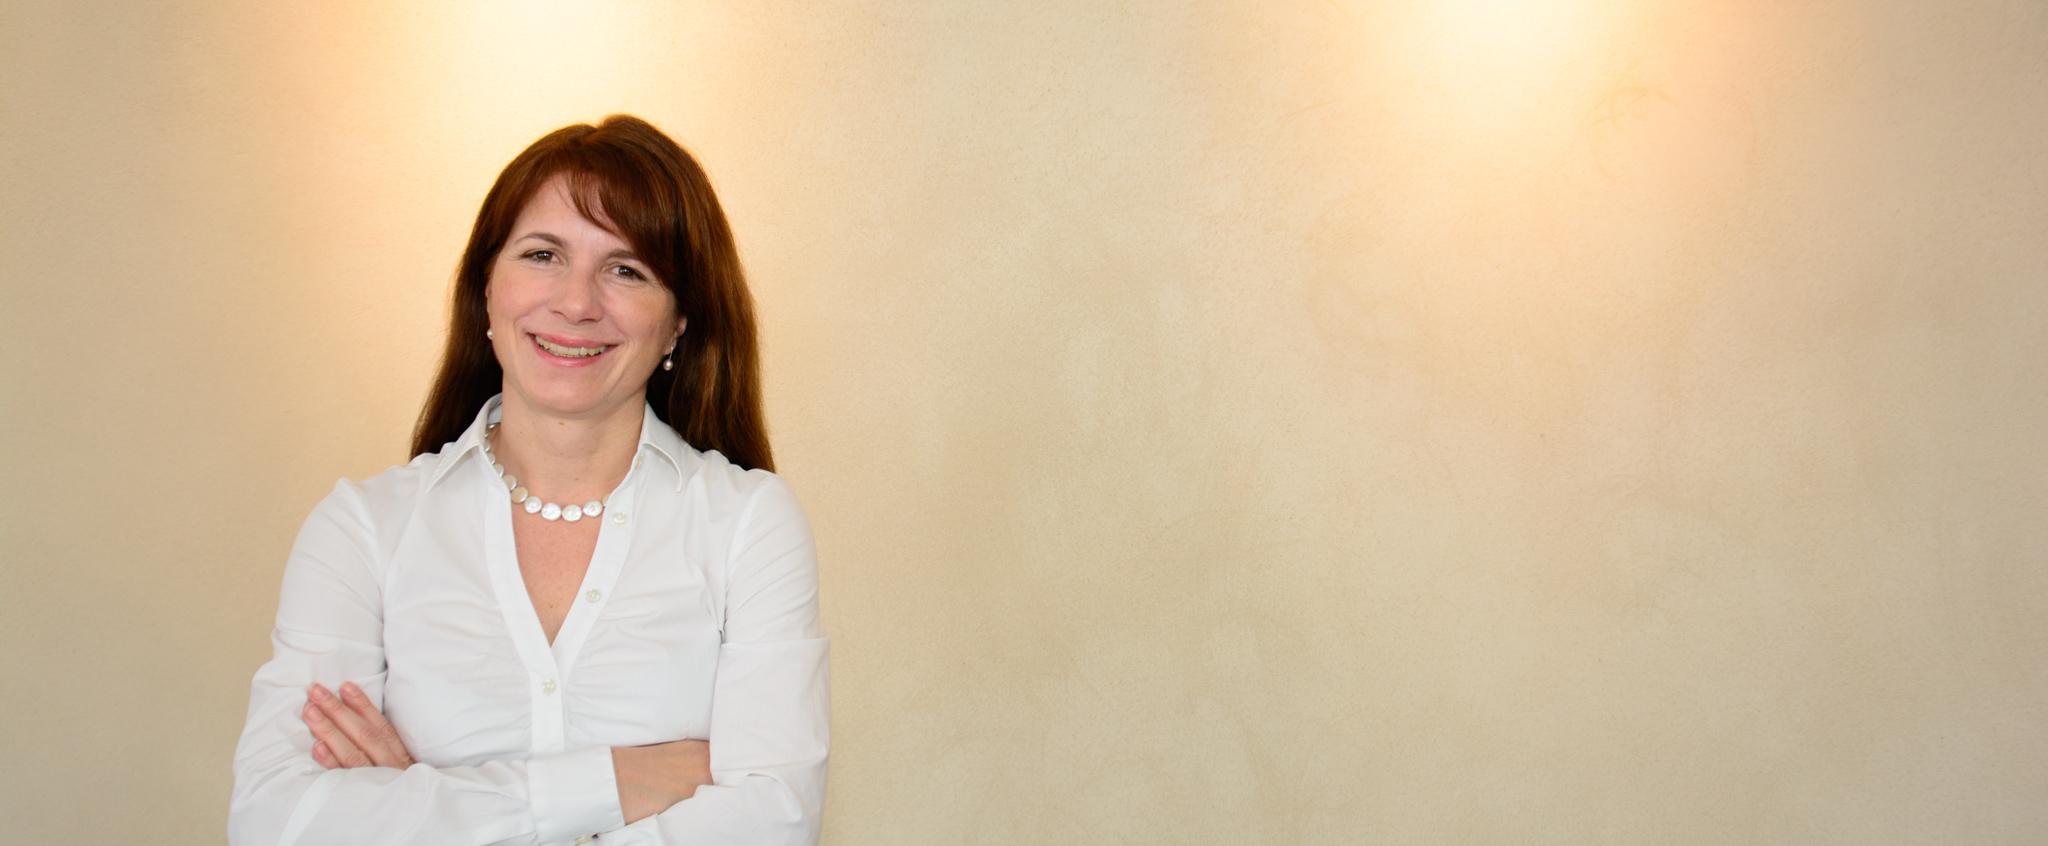 Yvonne Wermuth